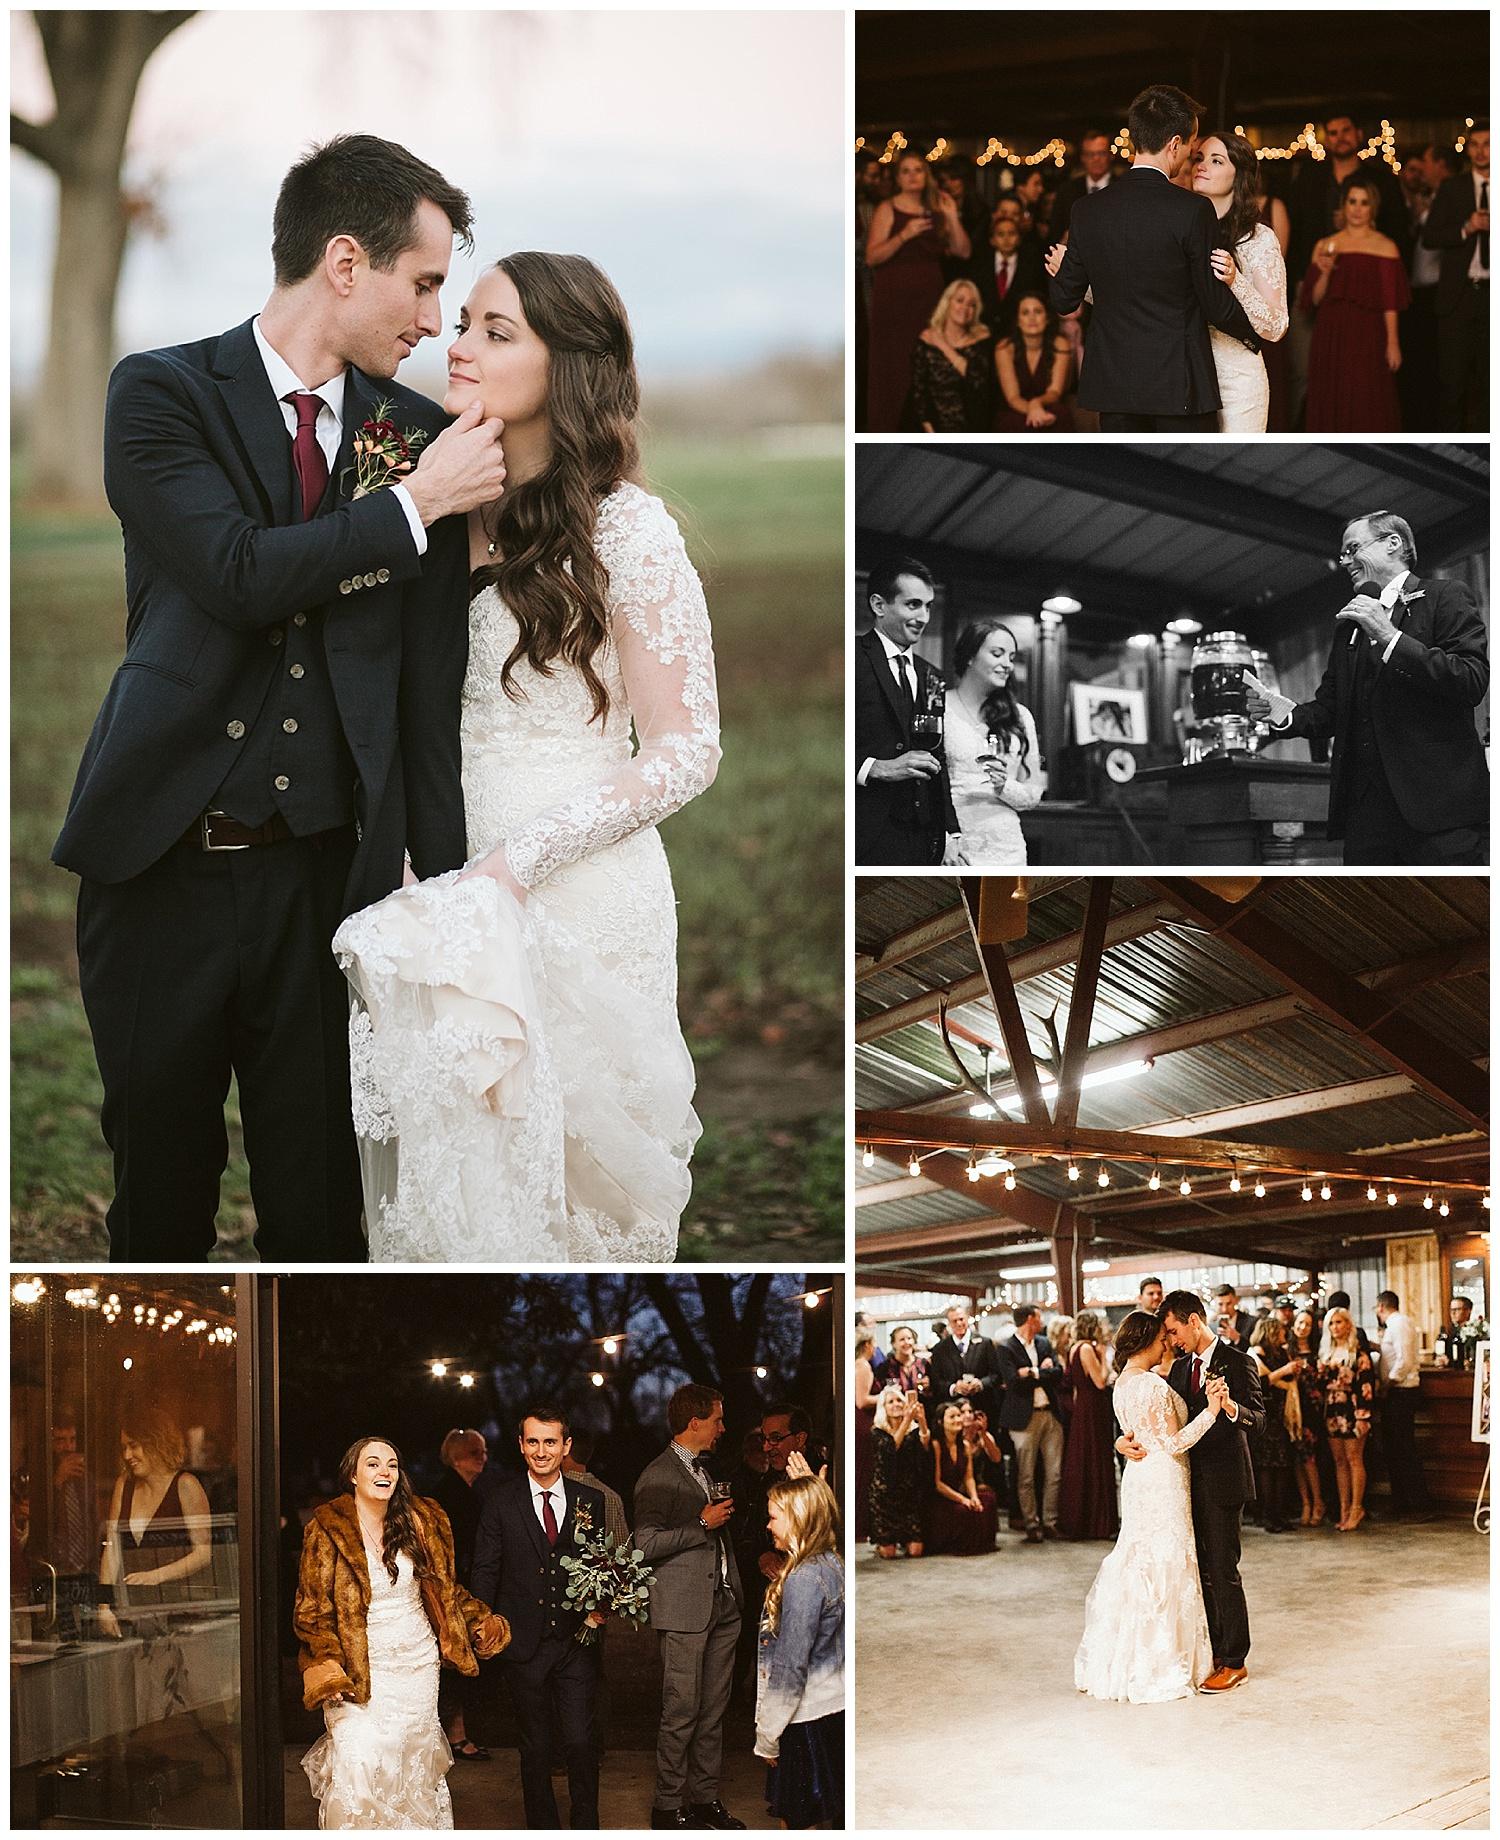 Patrick-Ranch-Wedding_The-530-Bride